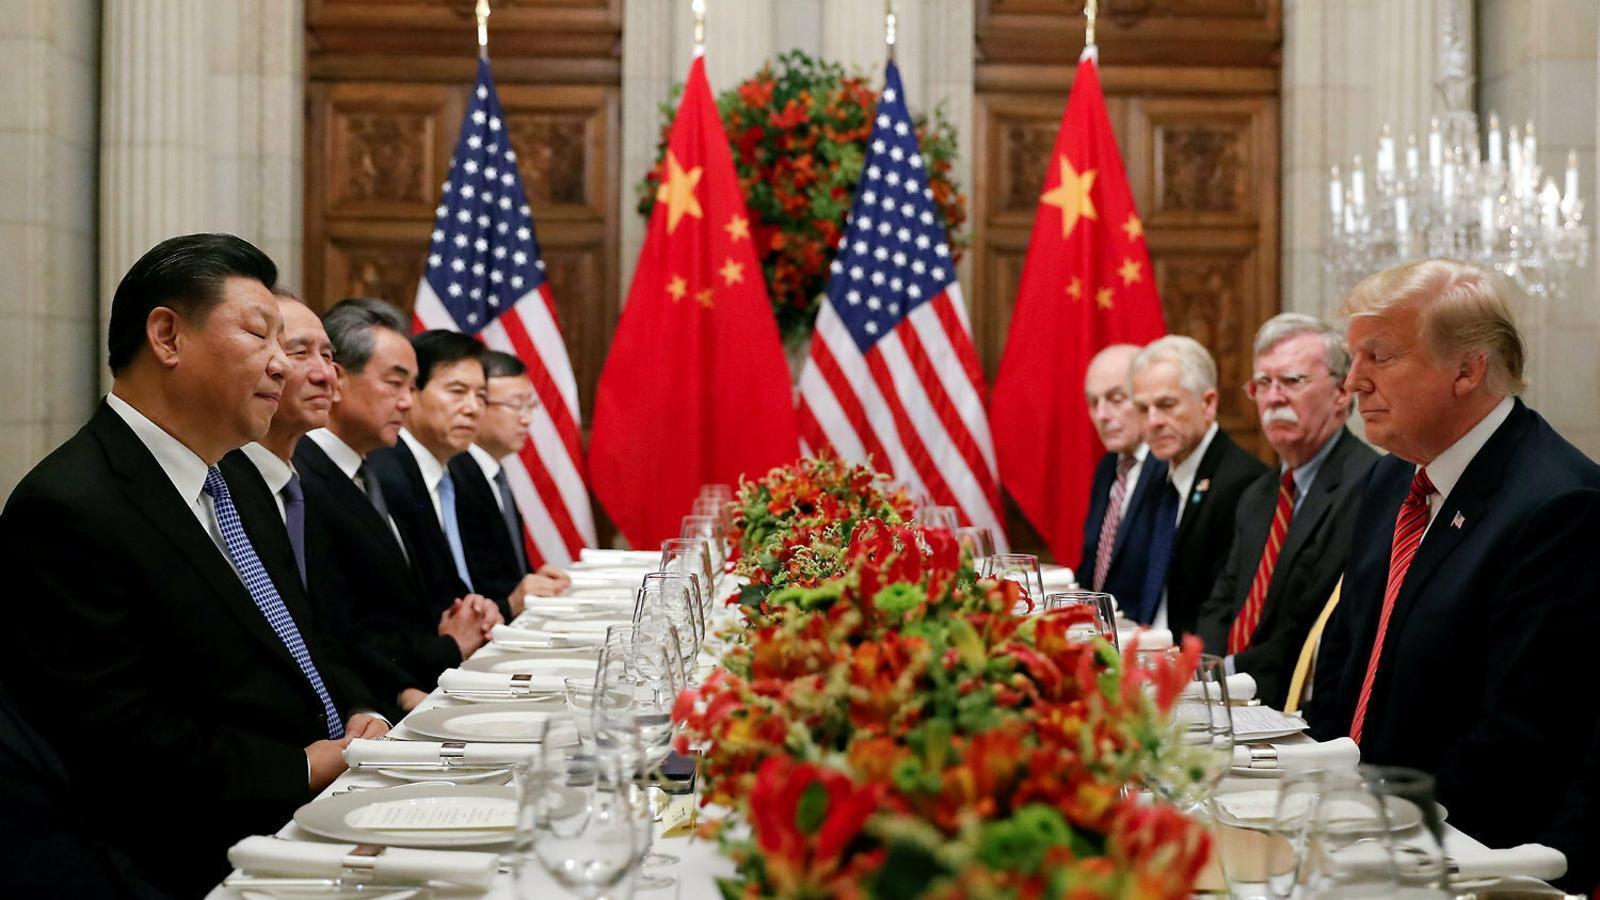 El president nord-americà, Donald Trump, i el xinès, Xi Jinping, cara a cara amb els seus equips durant una reunió del G20.